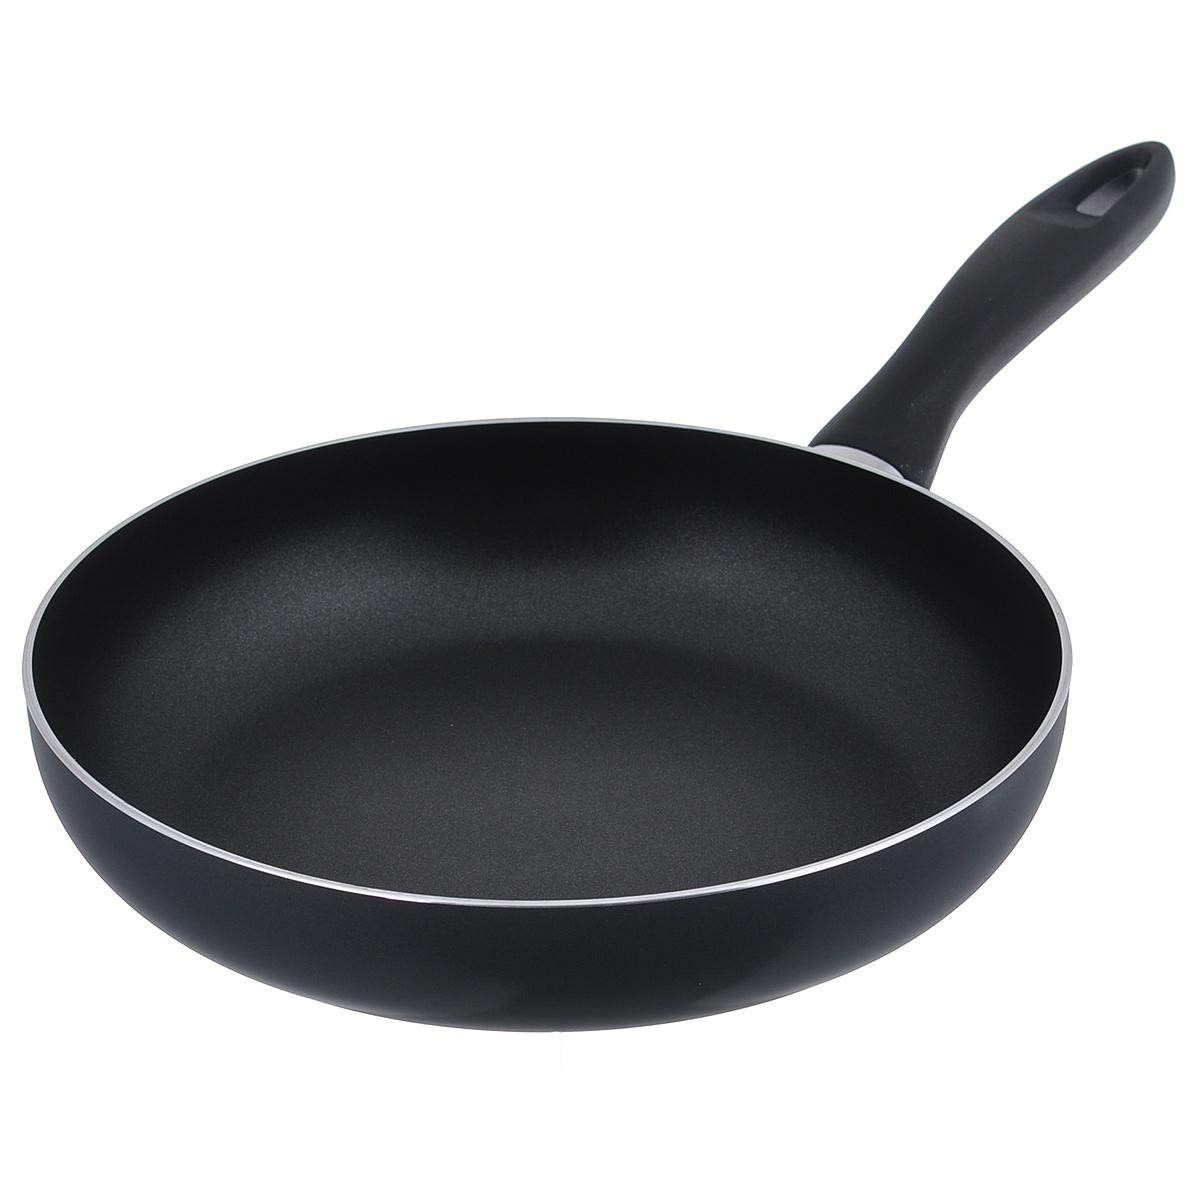 """Сковорода Tescoma """"Presto"""" выполнена из алюминия с антипригарным покрытием. Оптимальное соотношение толщины дна и стенок, а также хорошие теплопроводные свойства алюминия гарантируют равномерное нагревание  посуды и, как следствие, быстрое приготовление любимых блюд. Приготовленная пища сохранит все полезные свойства продуктов и никогда не пригорит. Ключевые преимущества: - Антипригарное покрытие экологично и безопасно для приготовления пищи,  наносится методом напыления и обладает повышенной износостойкостью.  - Прогрессивное, сверхнадежное внешнее покрытие позволяет легко чистить  посуду и не требует специального ухода. - Толщина дна обеспечивает равномерное распределение тепла и  сопротивление тепловым ударам, тем самым позволяет сохранить посуду от  деформации и увеличить срок службы.   - Элегантная и удобная ручка из высококачественного пластика без заклепок не  нагревается и легко моется.  Сковорода предназначена для использования на газовых,  электрических, керамических плитах. Не подходит для индукционных плит.  Можно мыть в посудомоечной машине."""